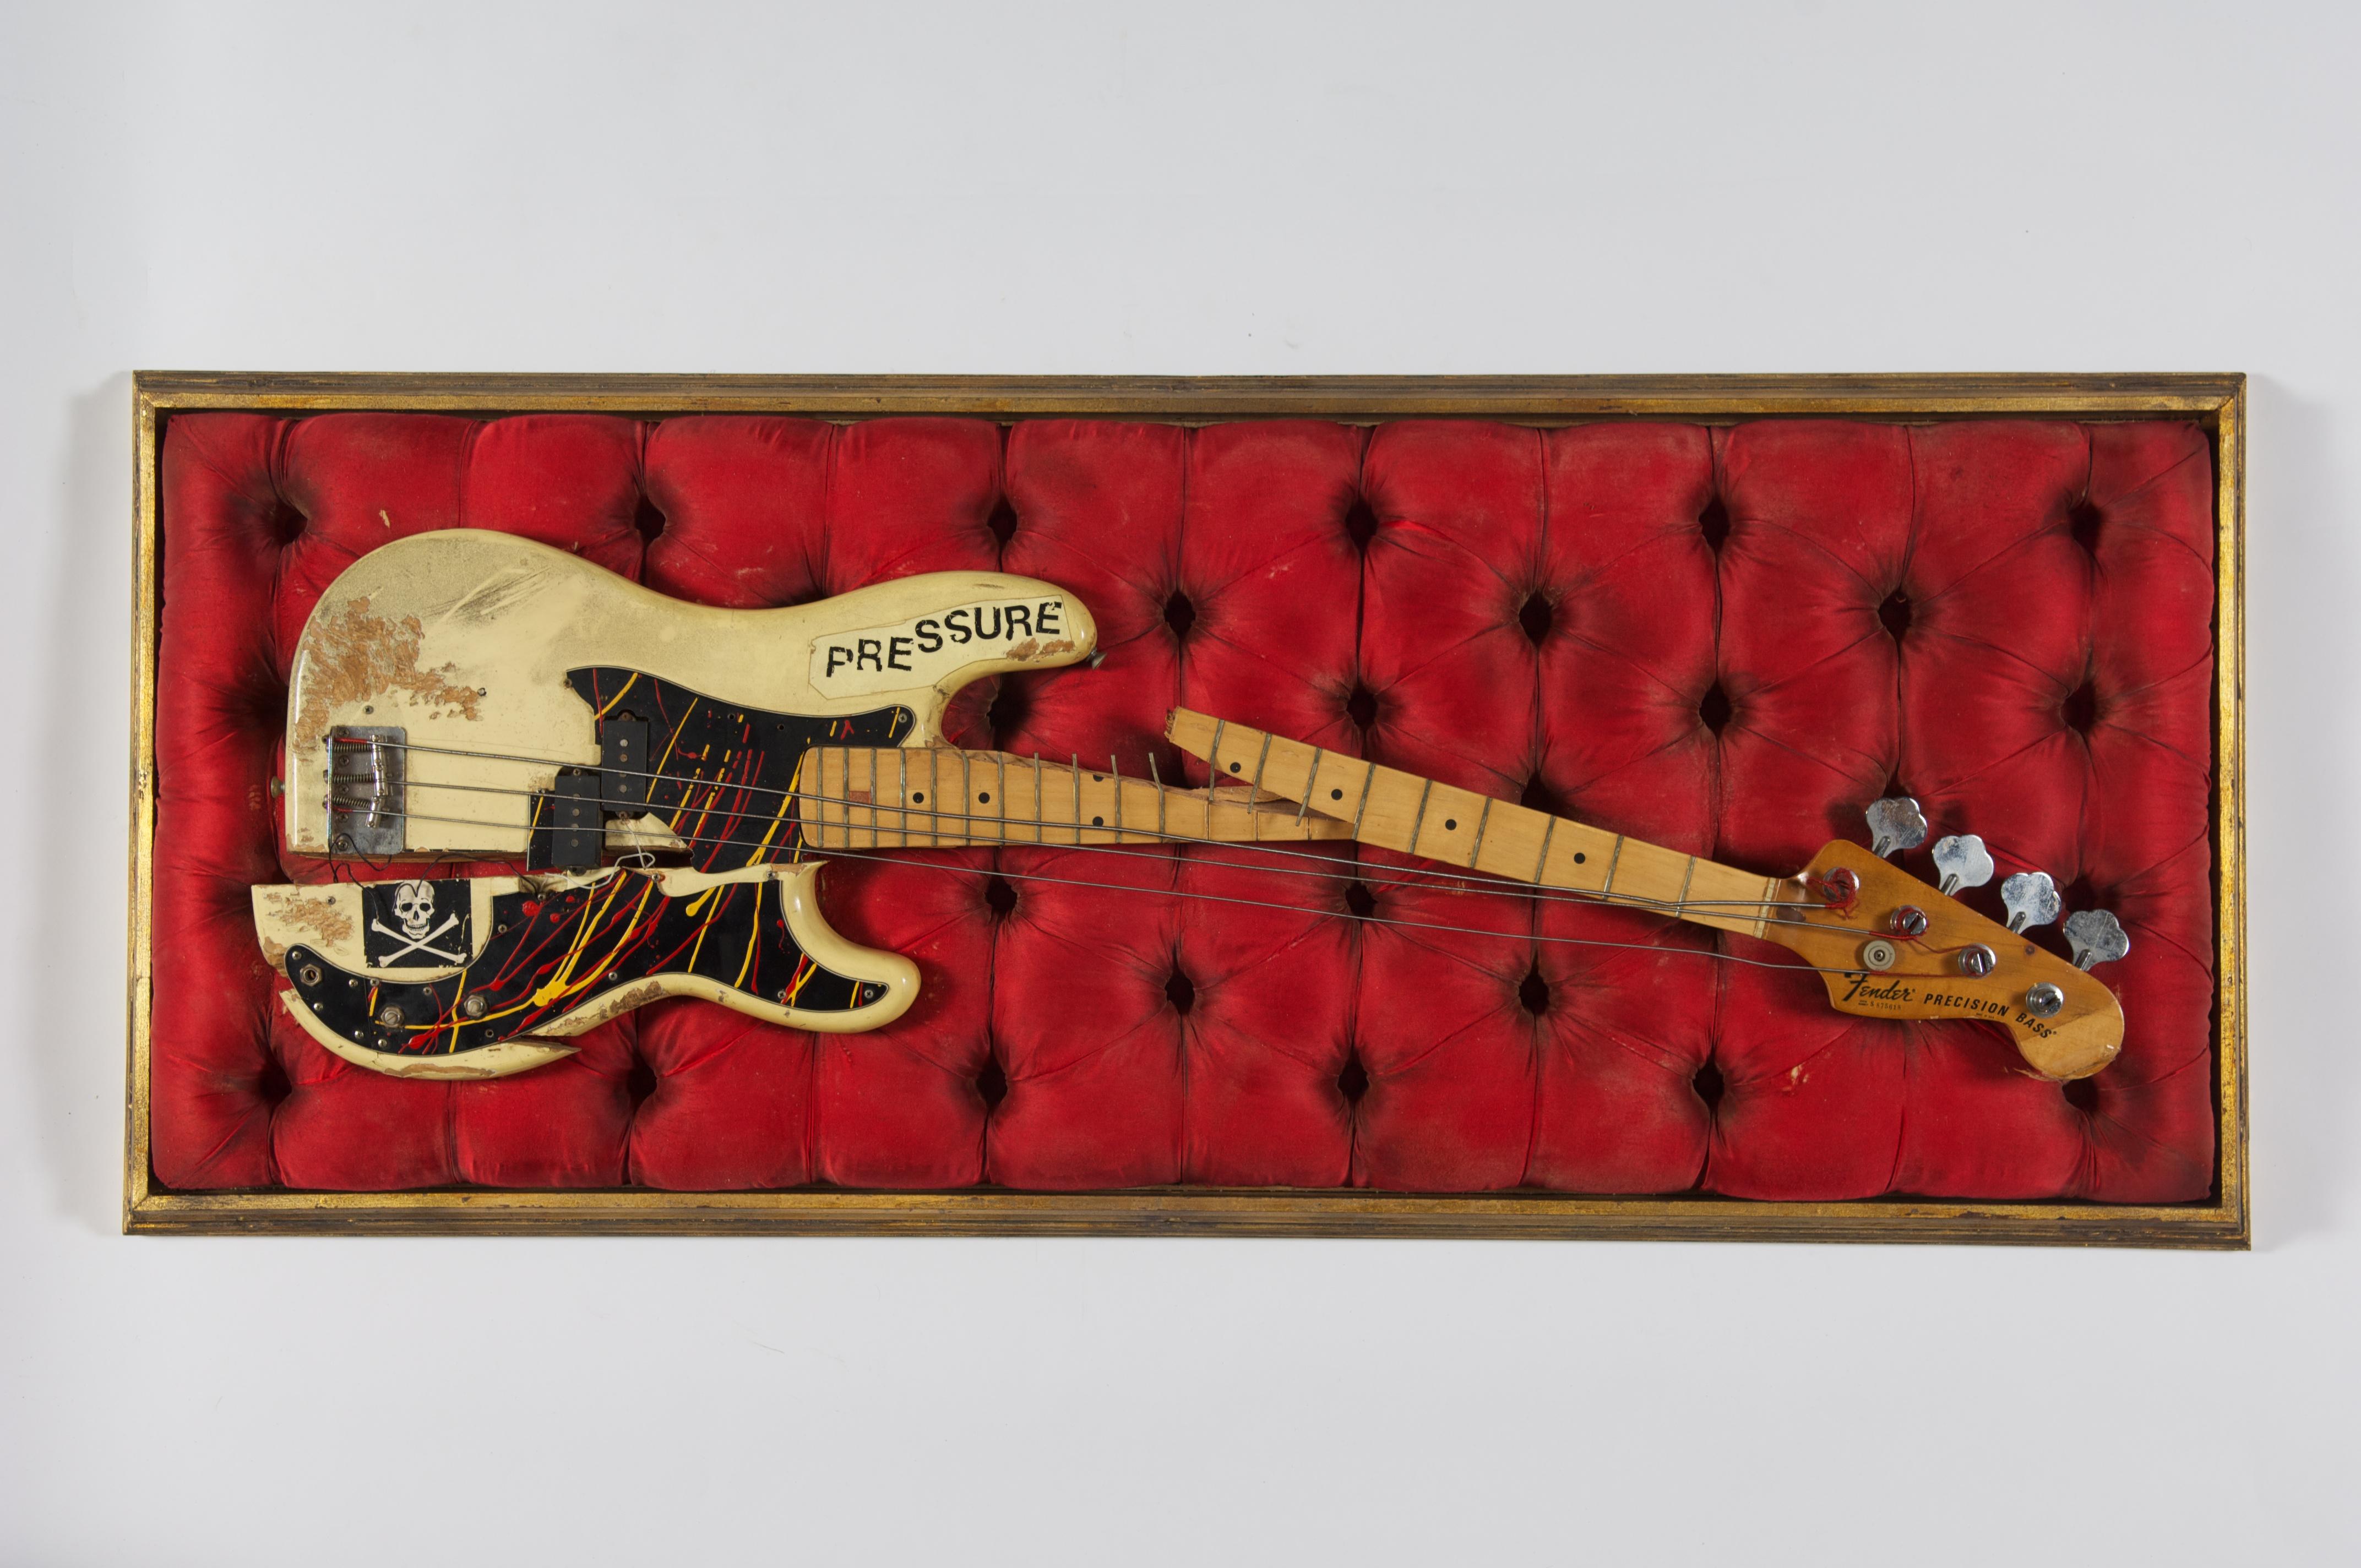 Paul Simonon's broken bass guitar